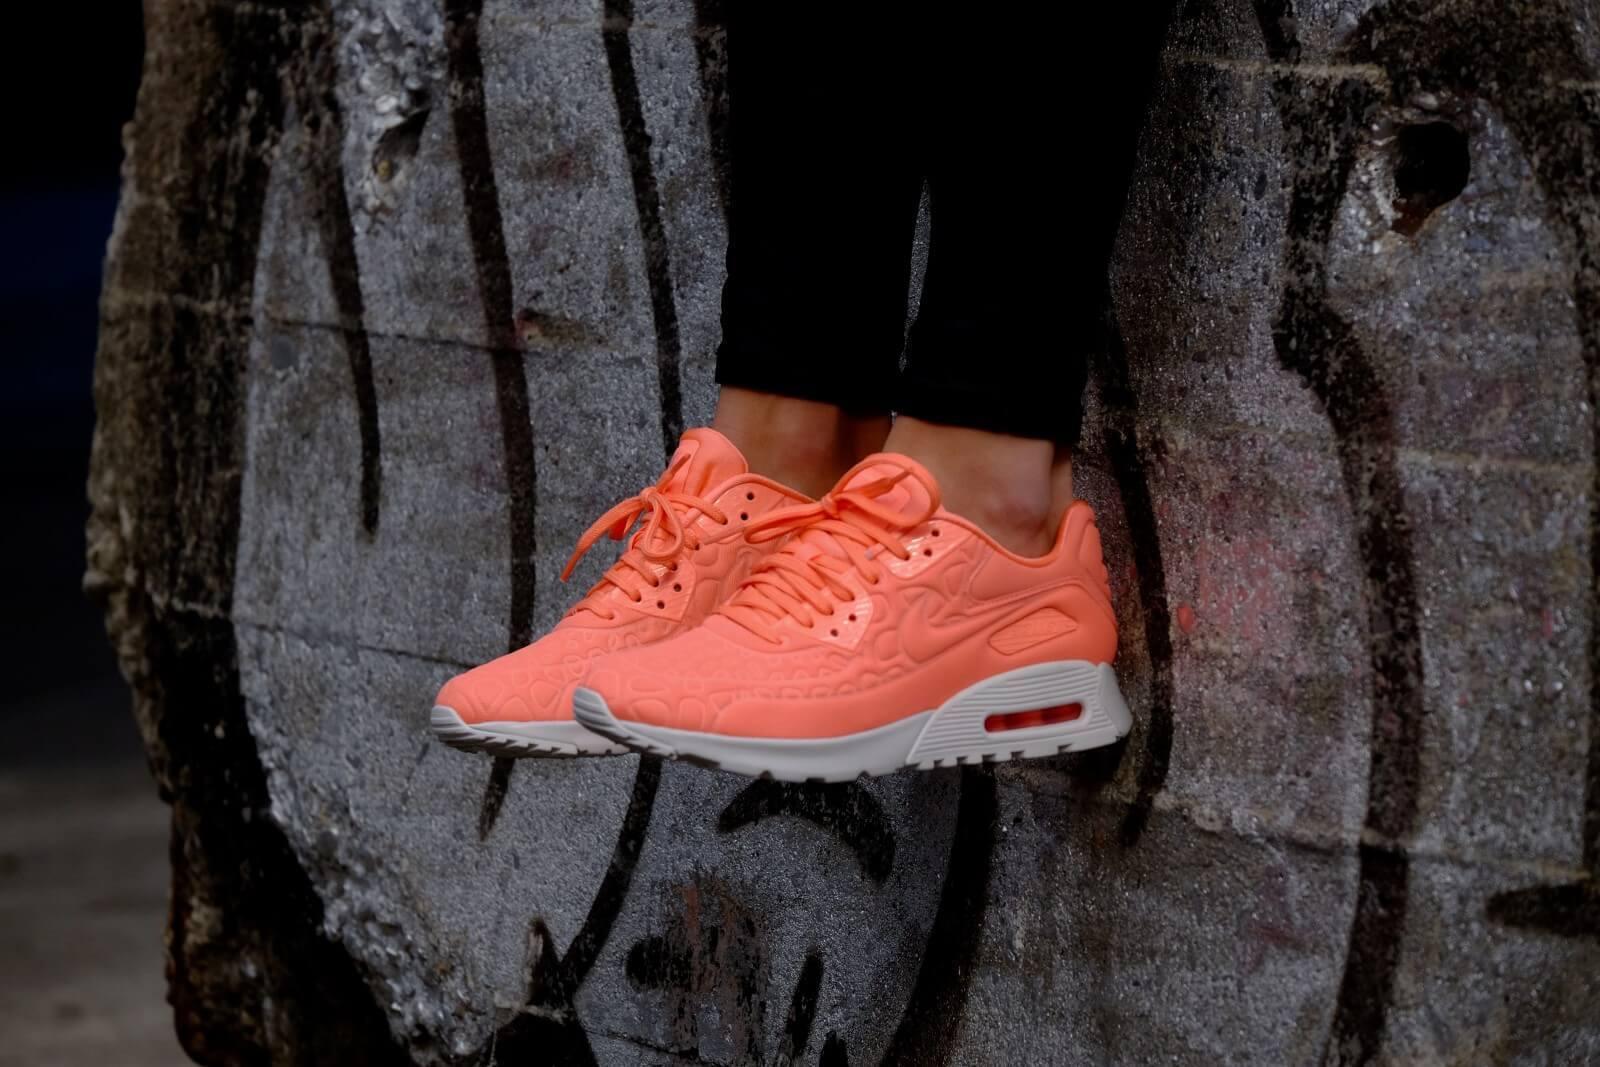 Nike air max 90 besonders bequeme bequeme bequeme atomic rosa limit ausgabe frauen schuhe 9679cf